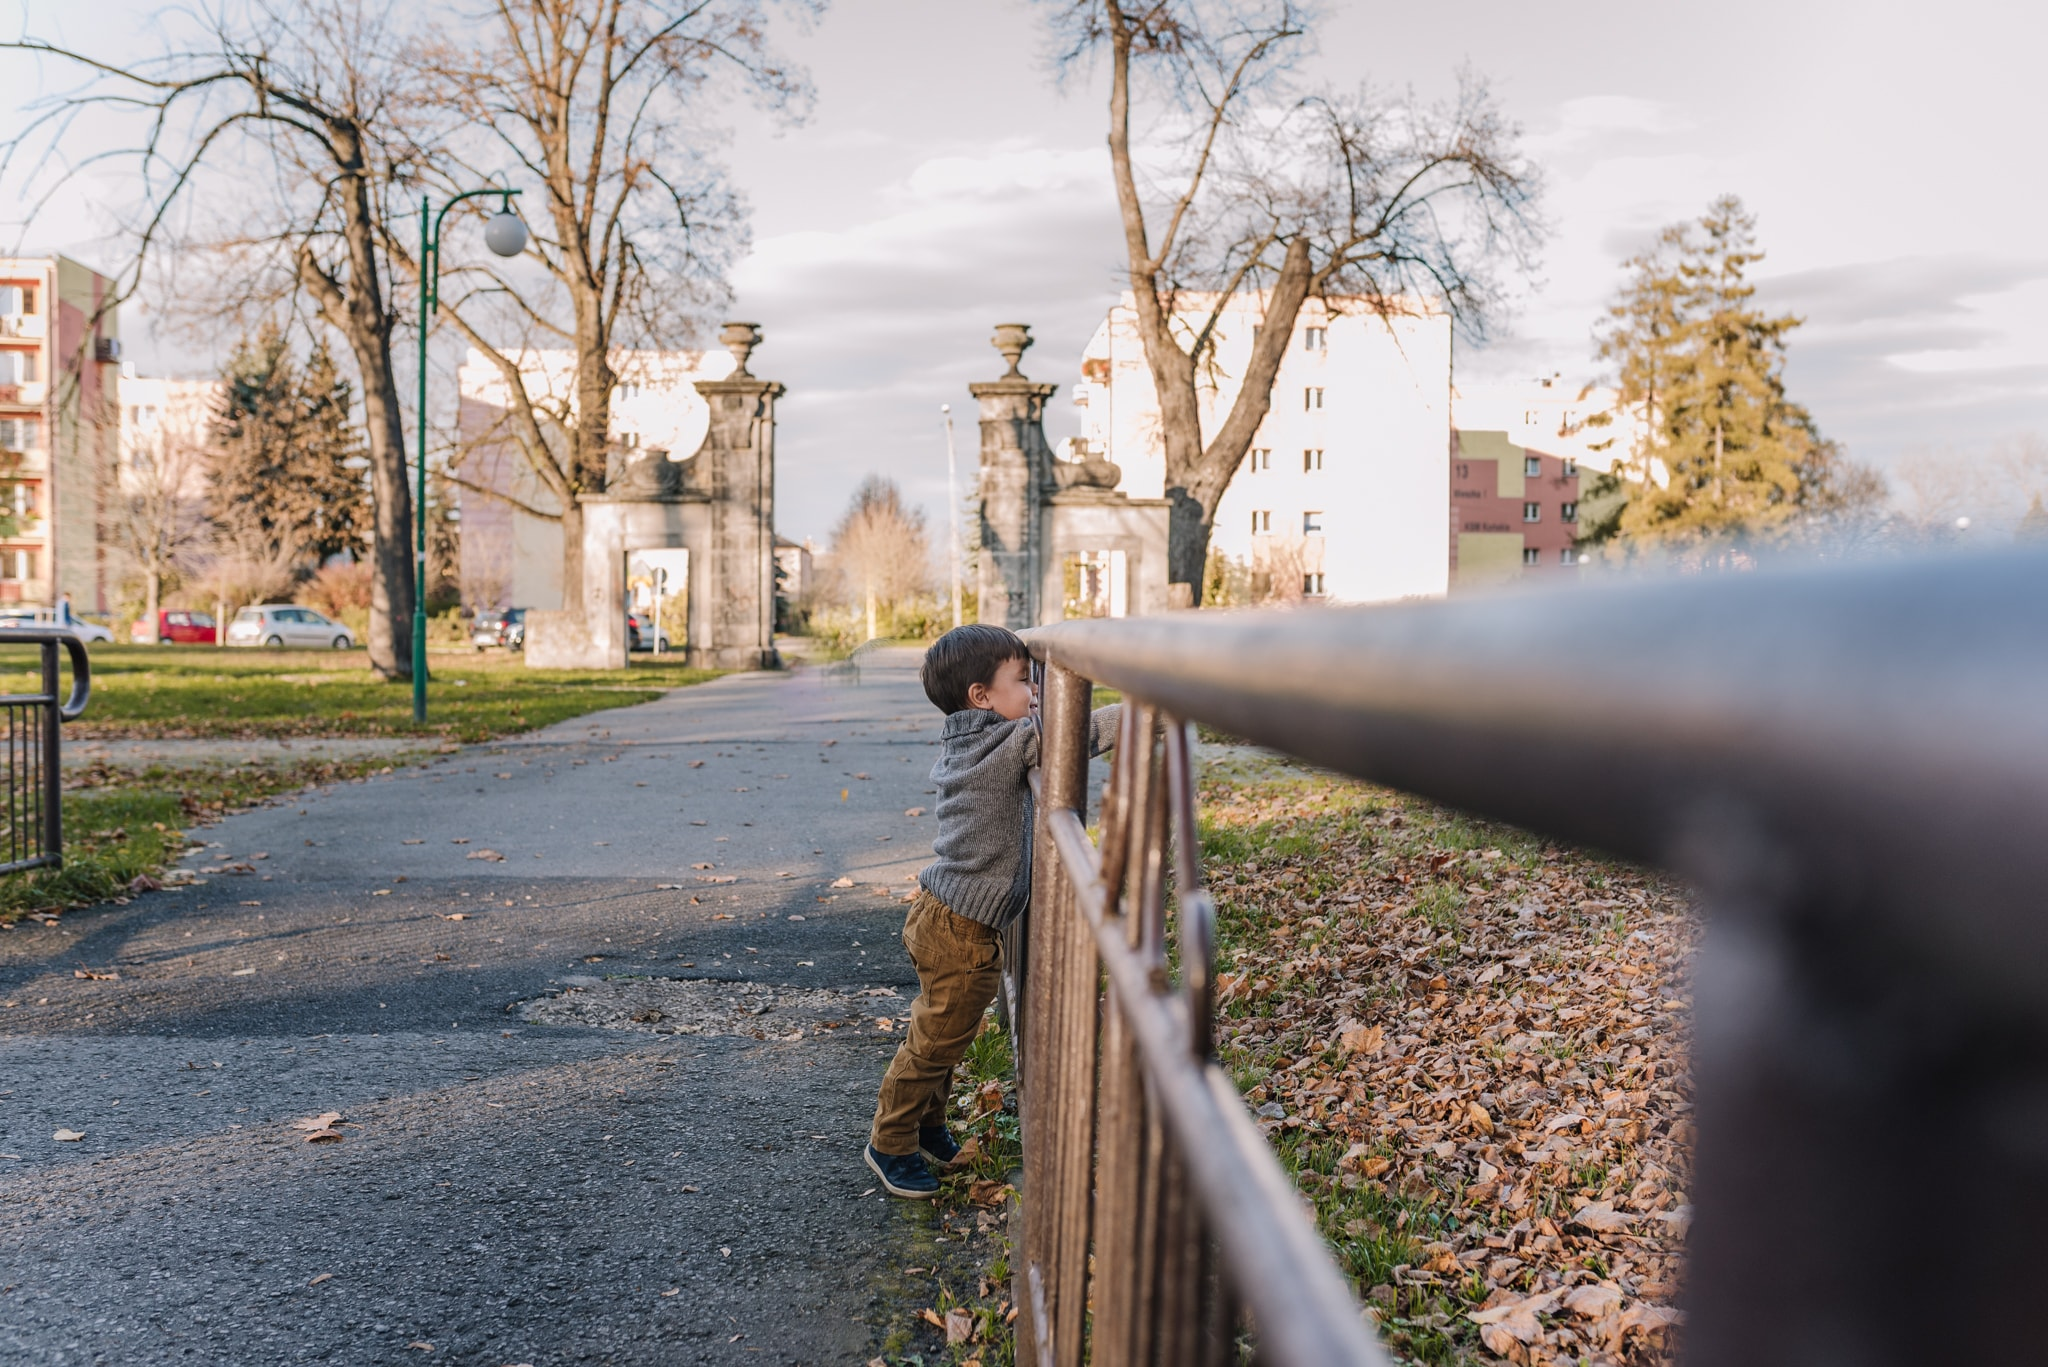 chłopczyk stojący przy barierce